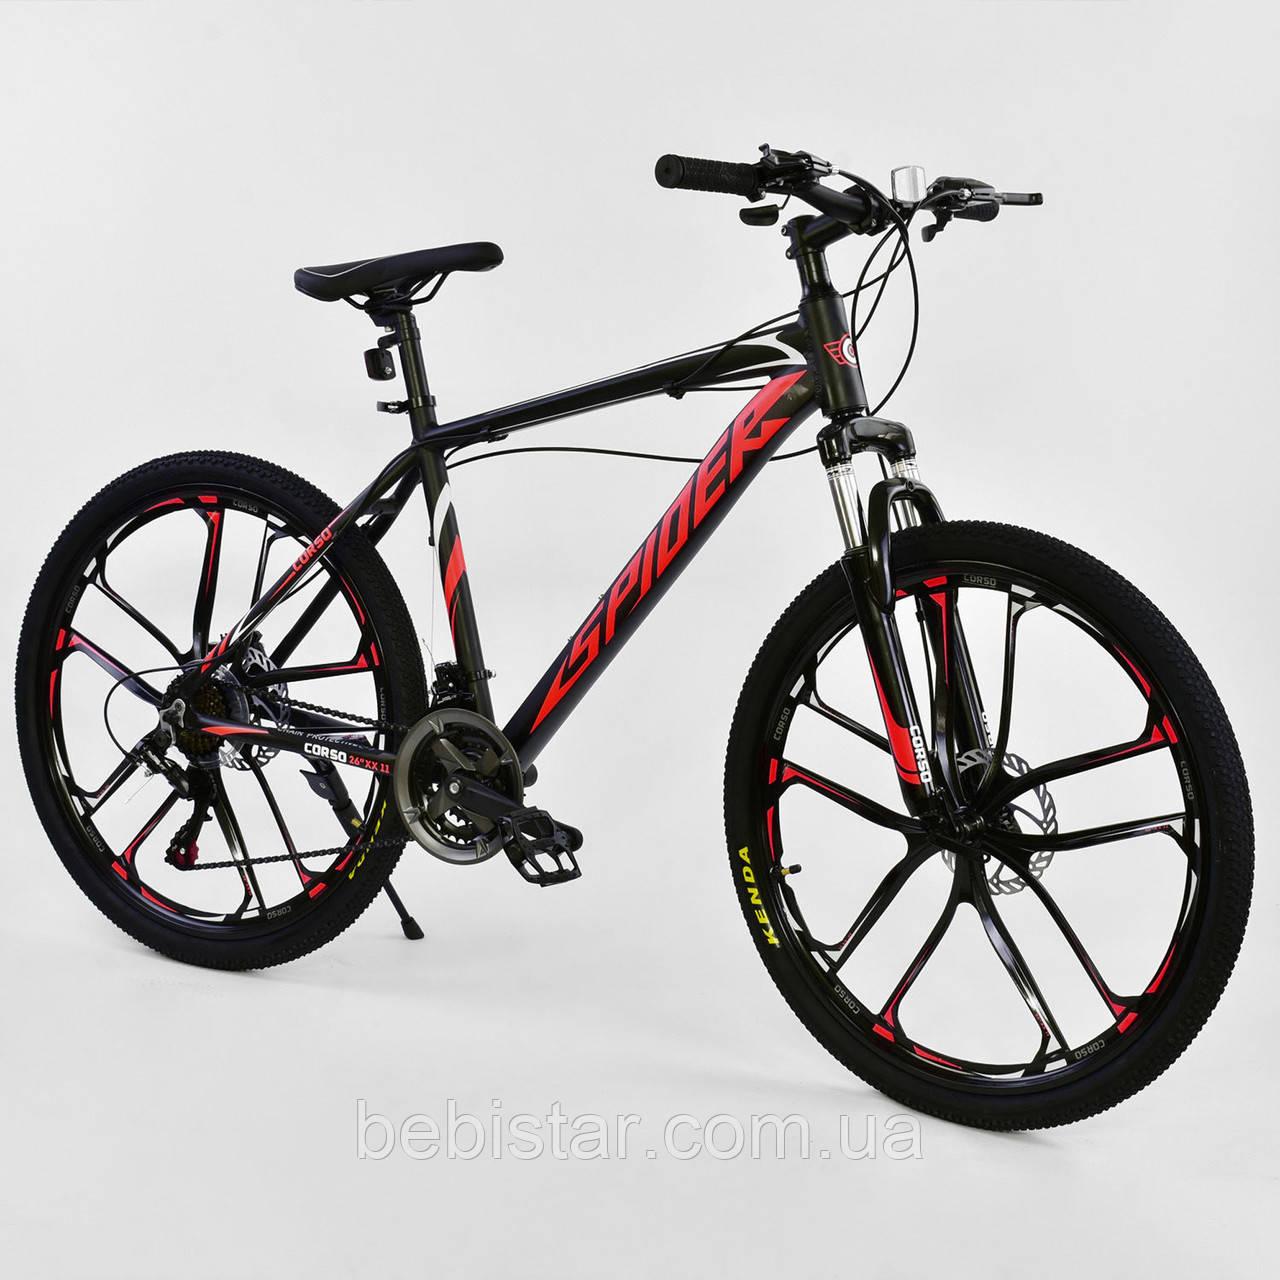 Спортивный велосипед черный с красным CORSO SPIDER 26 дюймов 21 скорость алюминиевая рама 17дюймов